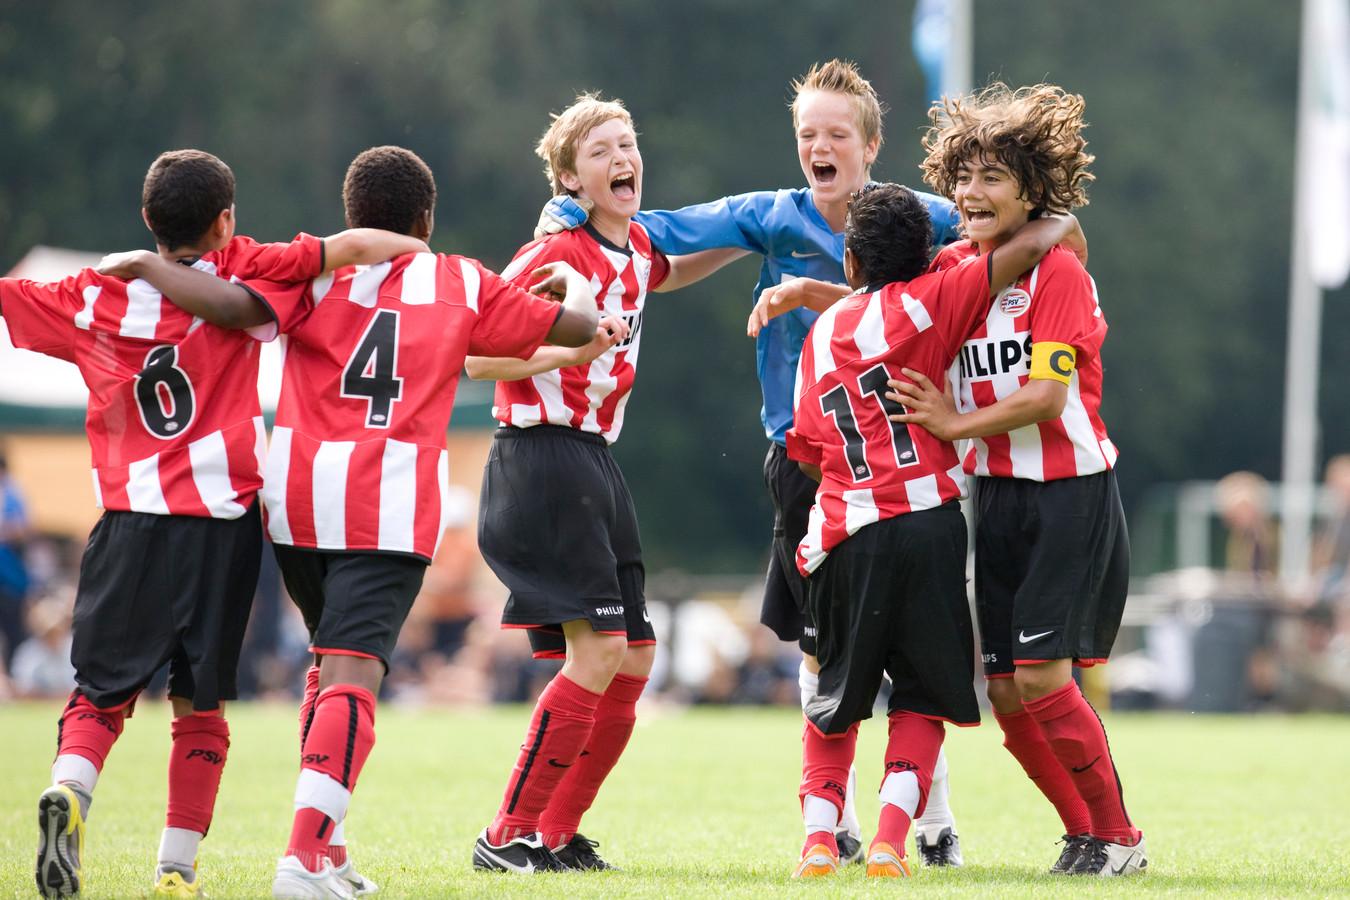 Archiefbeeld: Andreas Pereira (nummer 11) is de grote man tijdens een jeugdtoernooi wat PSV D1 wint. De Belgische Braziliaan blonk het hele toernooi uit en maakte de enige treffer in de finale.